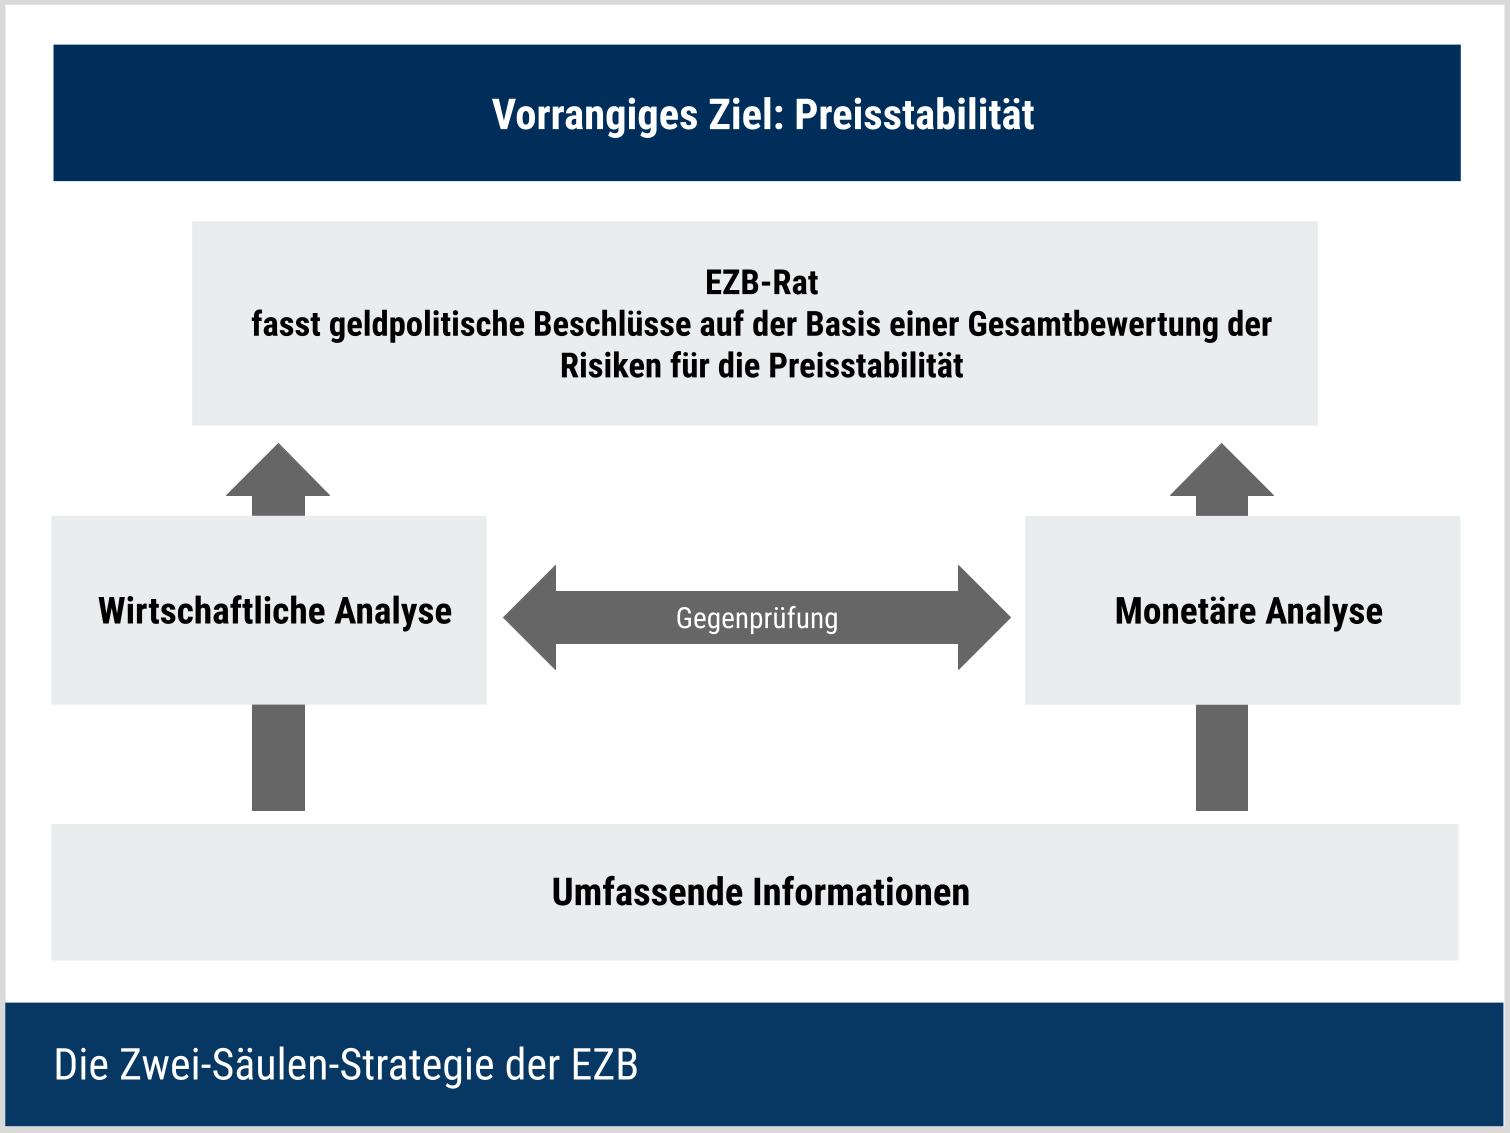 Die Zwei-Säulen Strategie der EZB